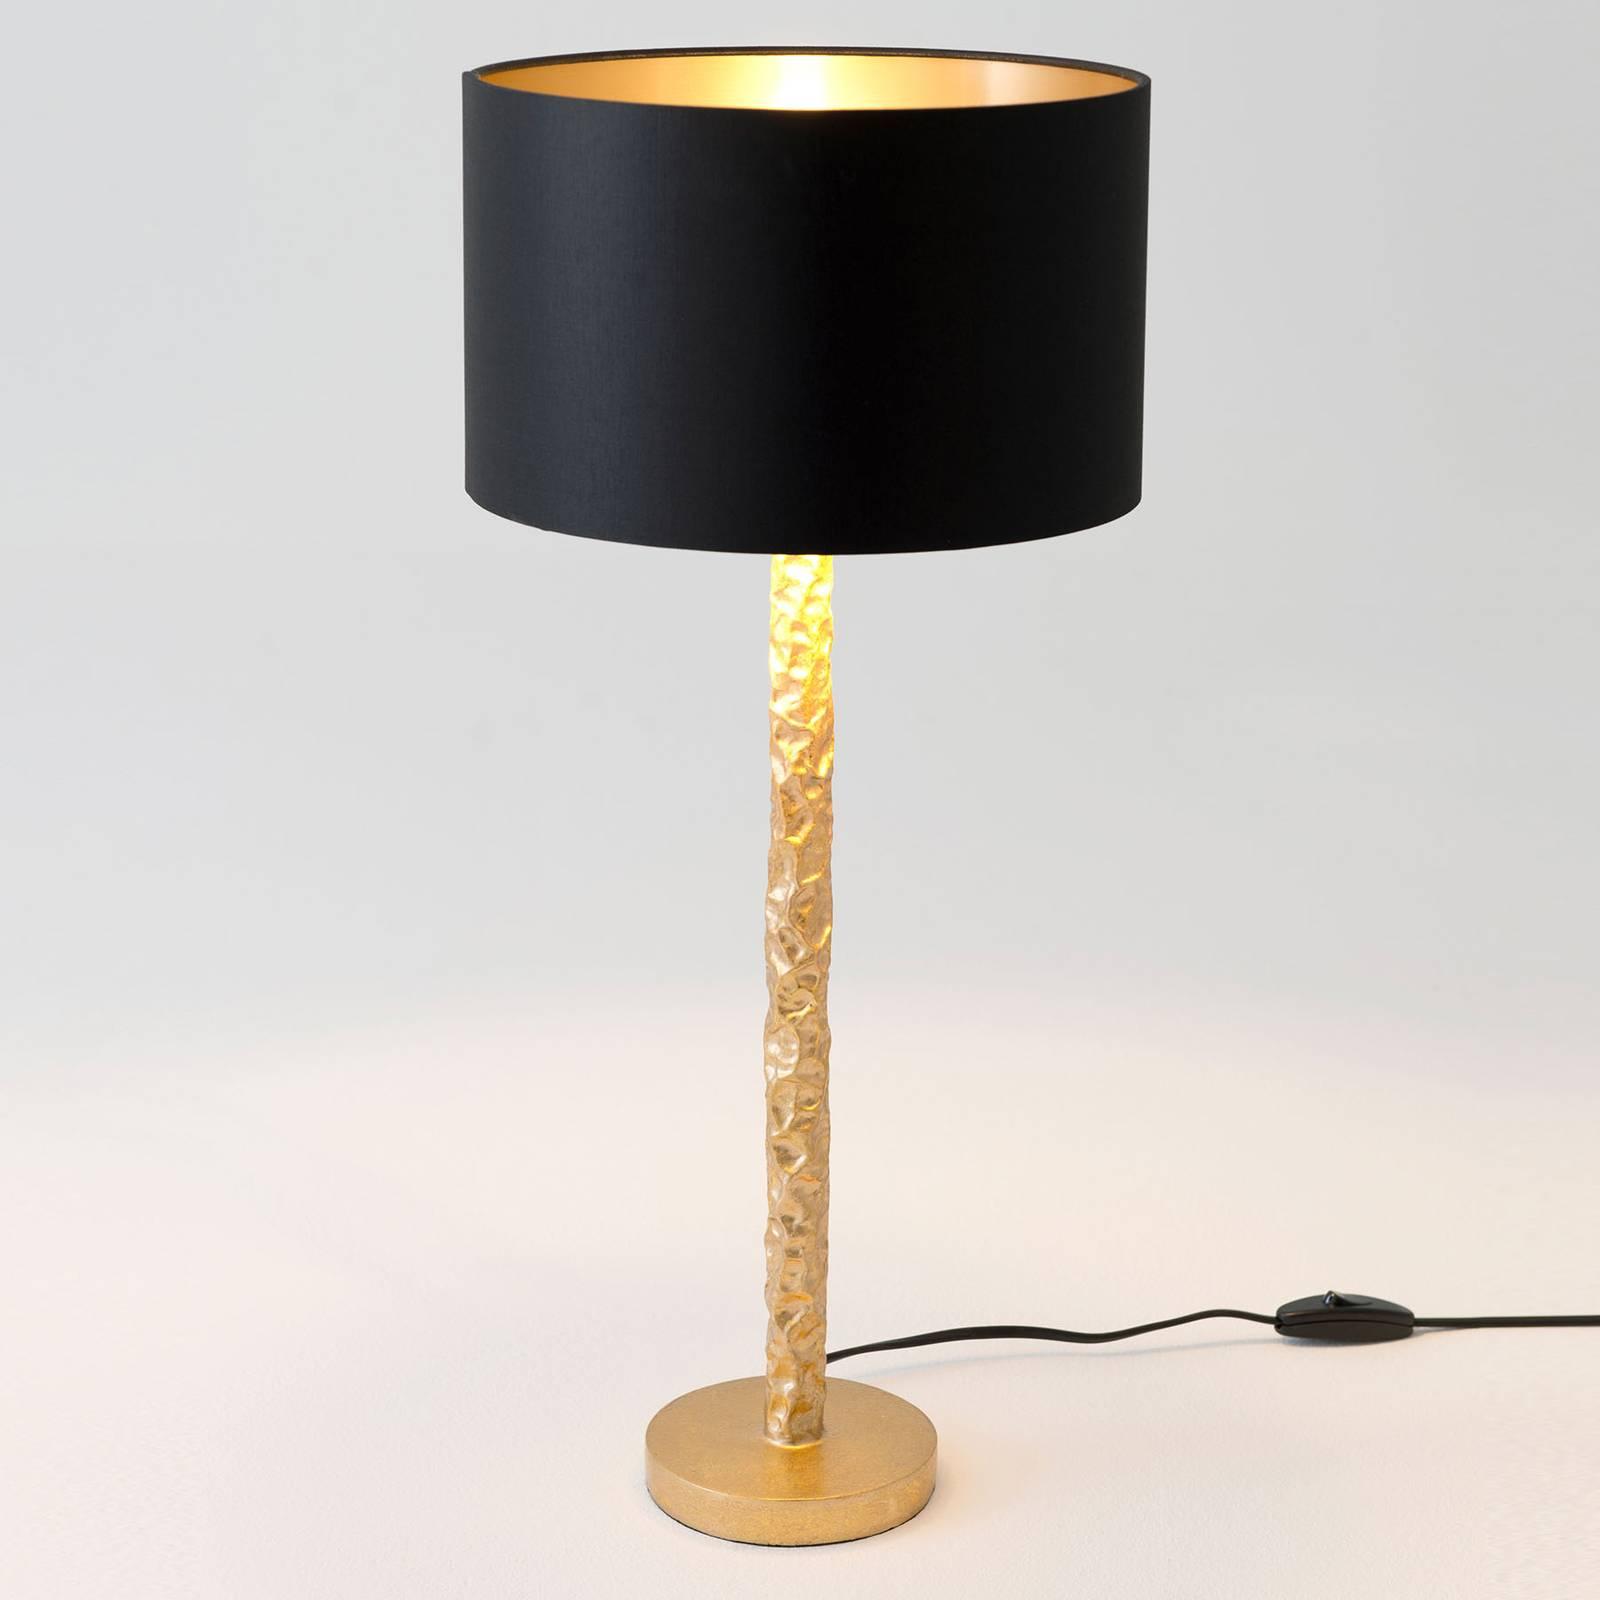 Pöytävalaisin Cancelliere Rotonda musta/kulta 57cm